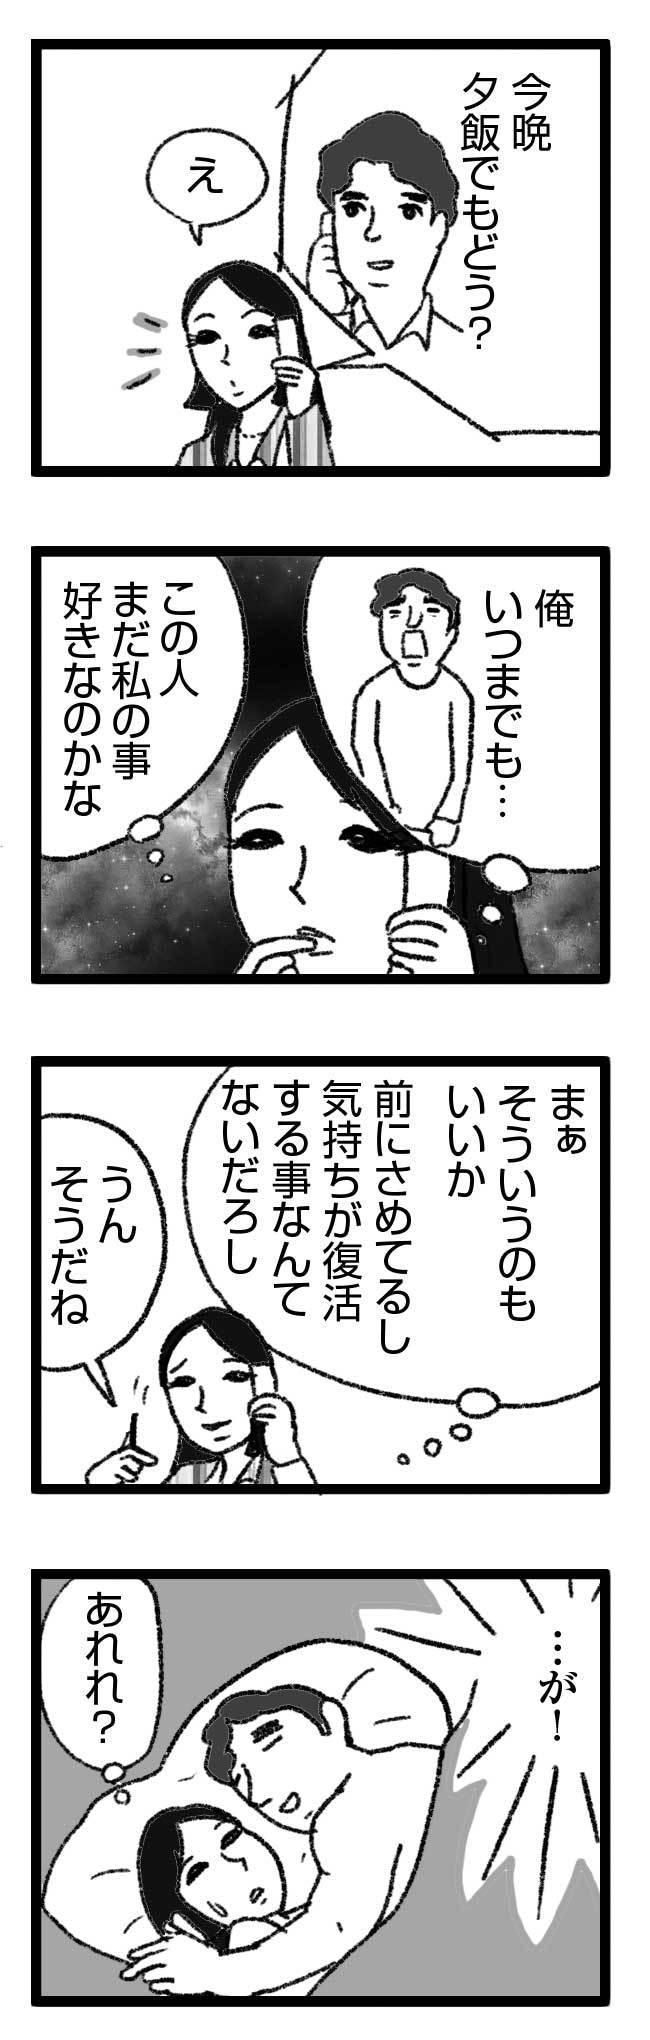 危険なミッコ2 婚活 恋活 不倫 元彼 職場 ふりん まんが 漫画 マンガ